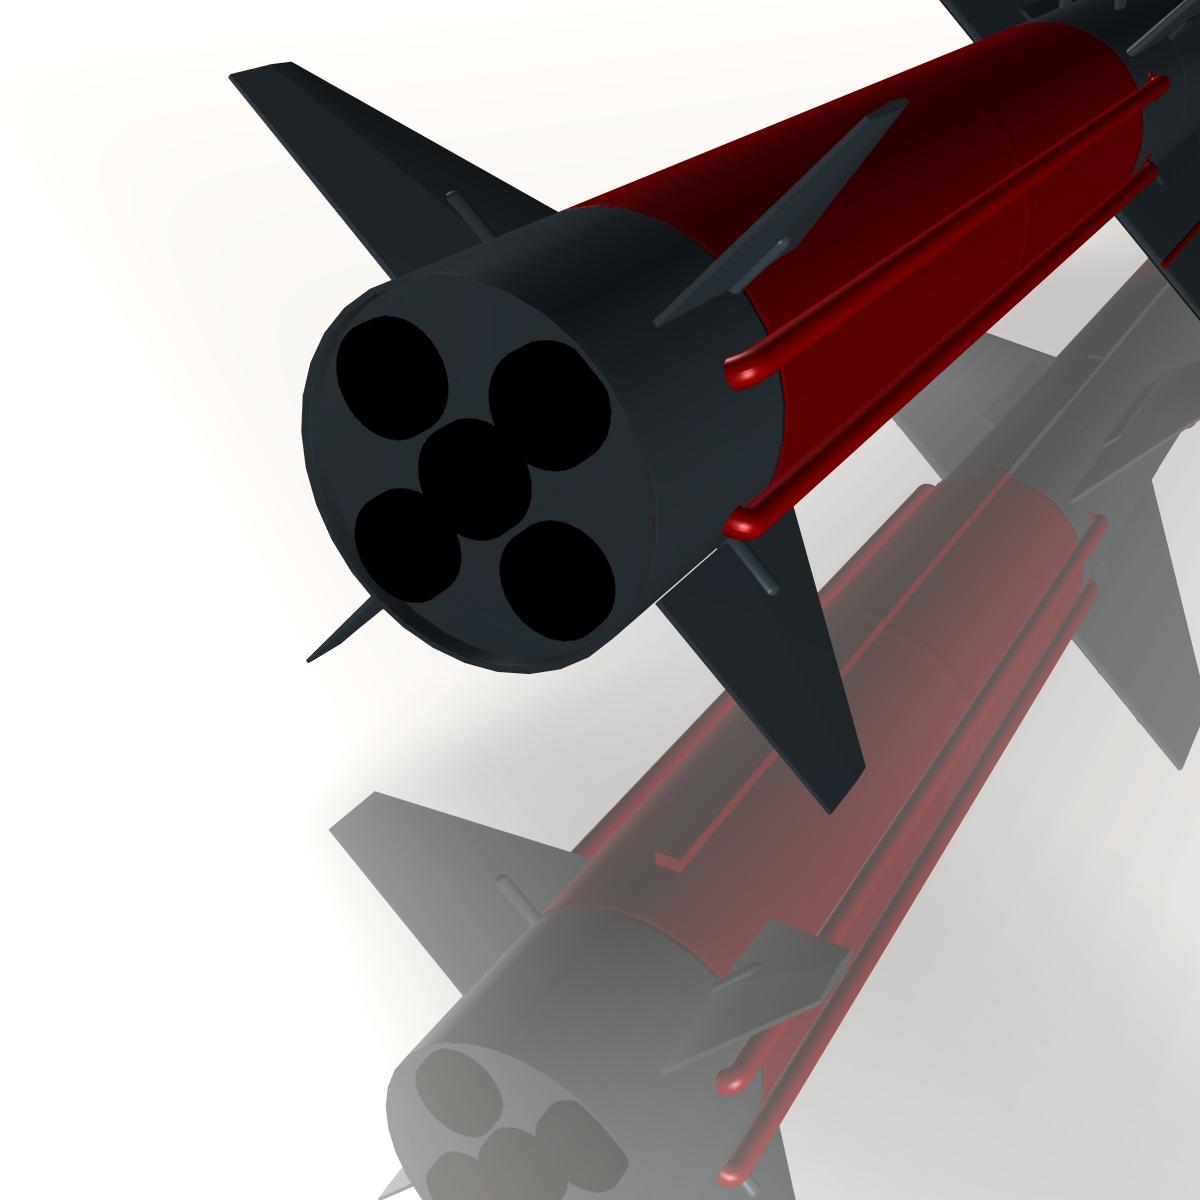 iranian koswar missile 3d model 3ds dxf x cod scn obj 149764